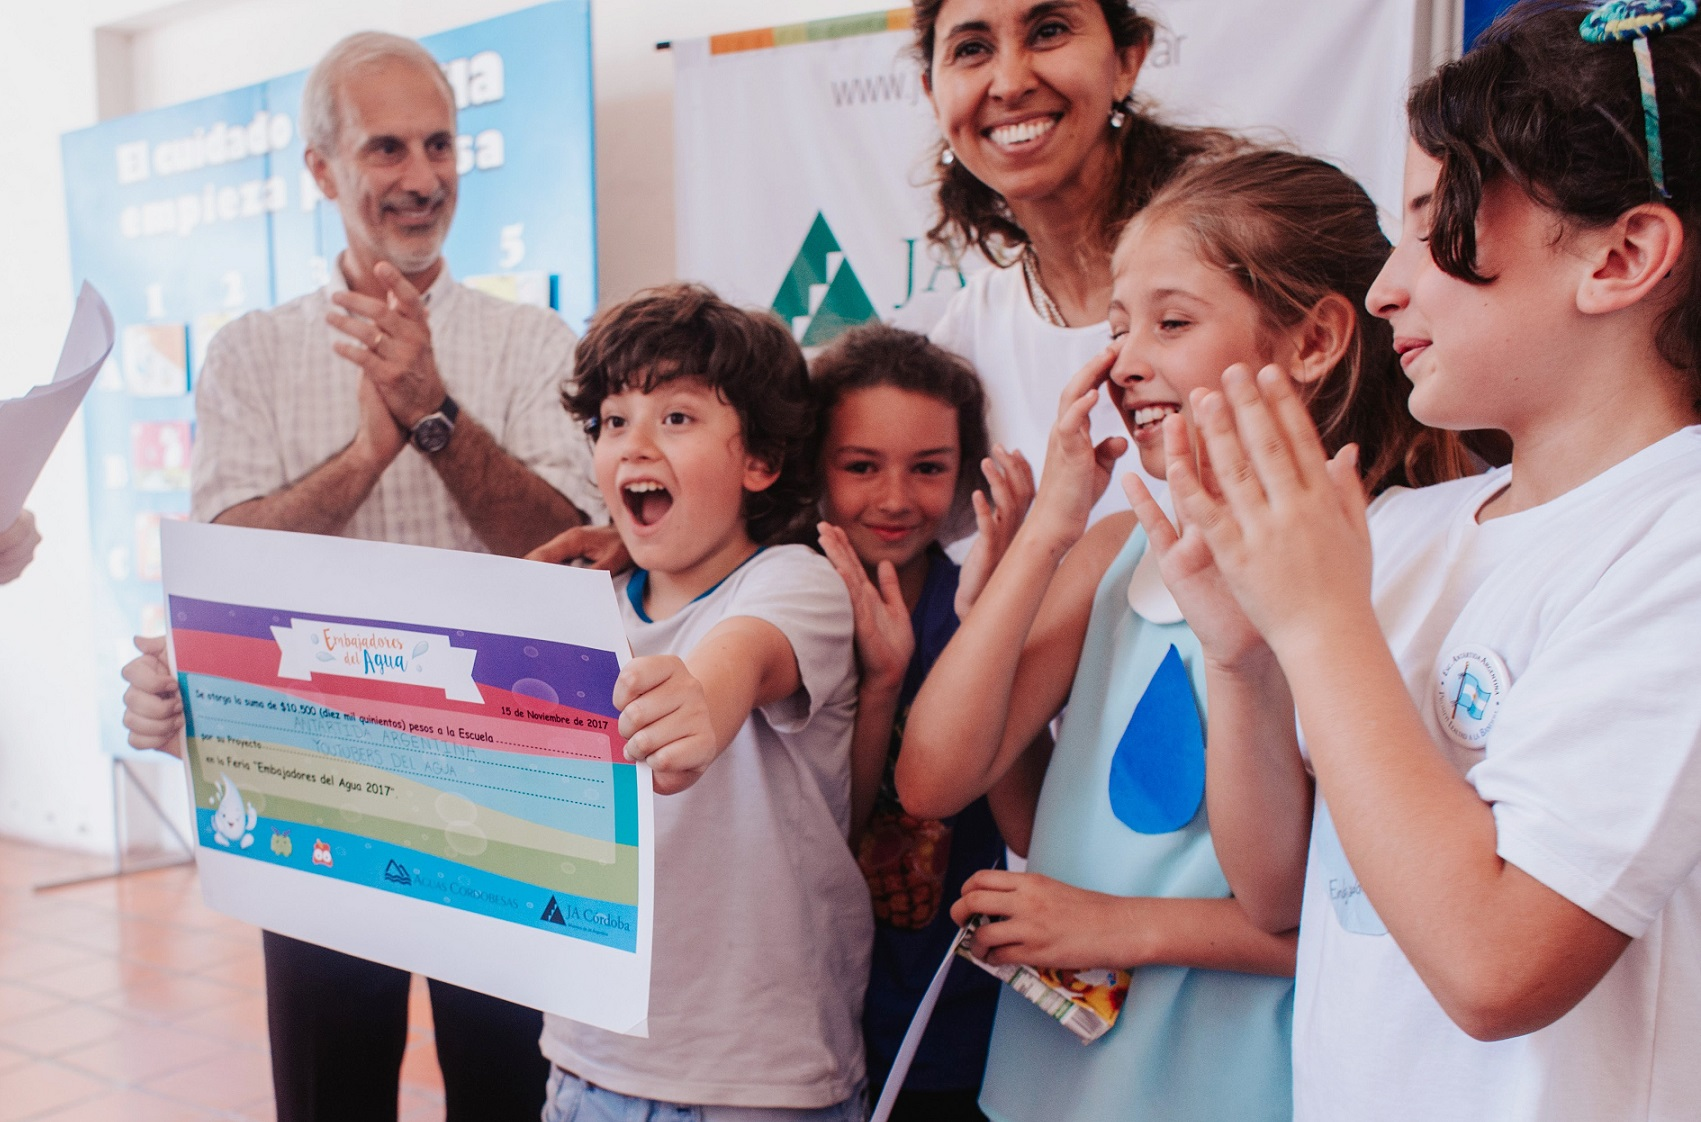 Comienza una nueva edición de Embajadores del Agua Digital